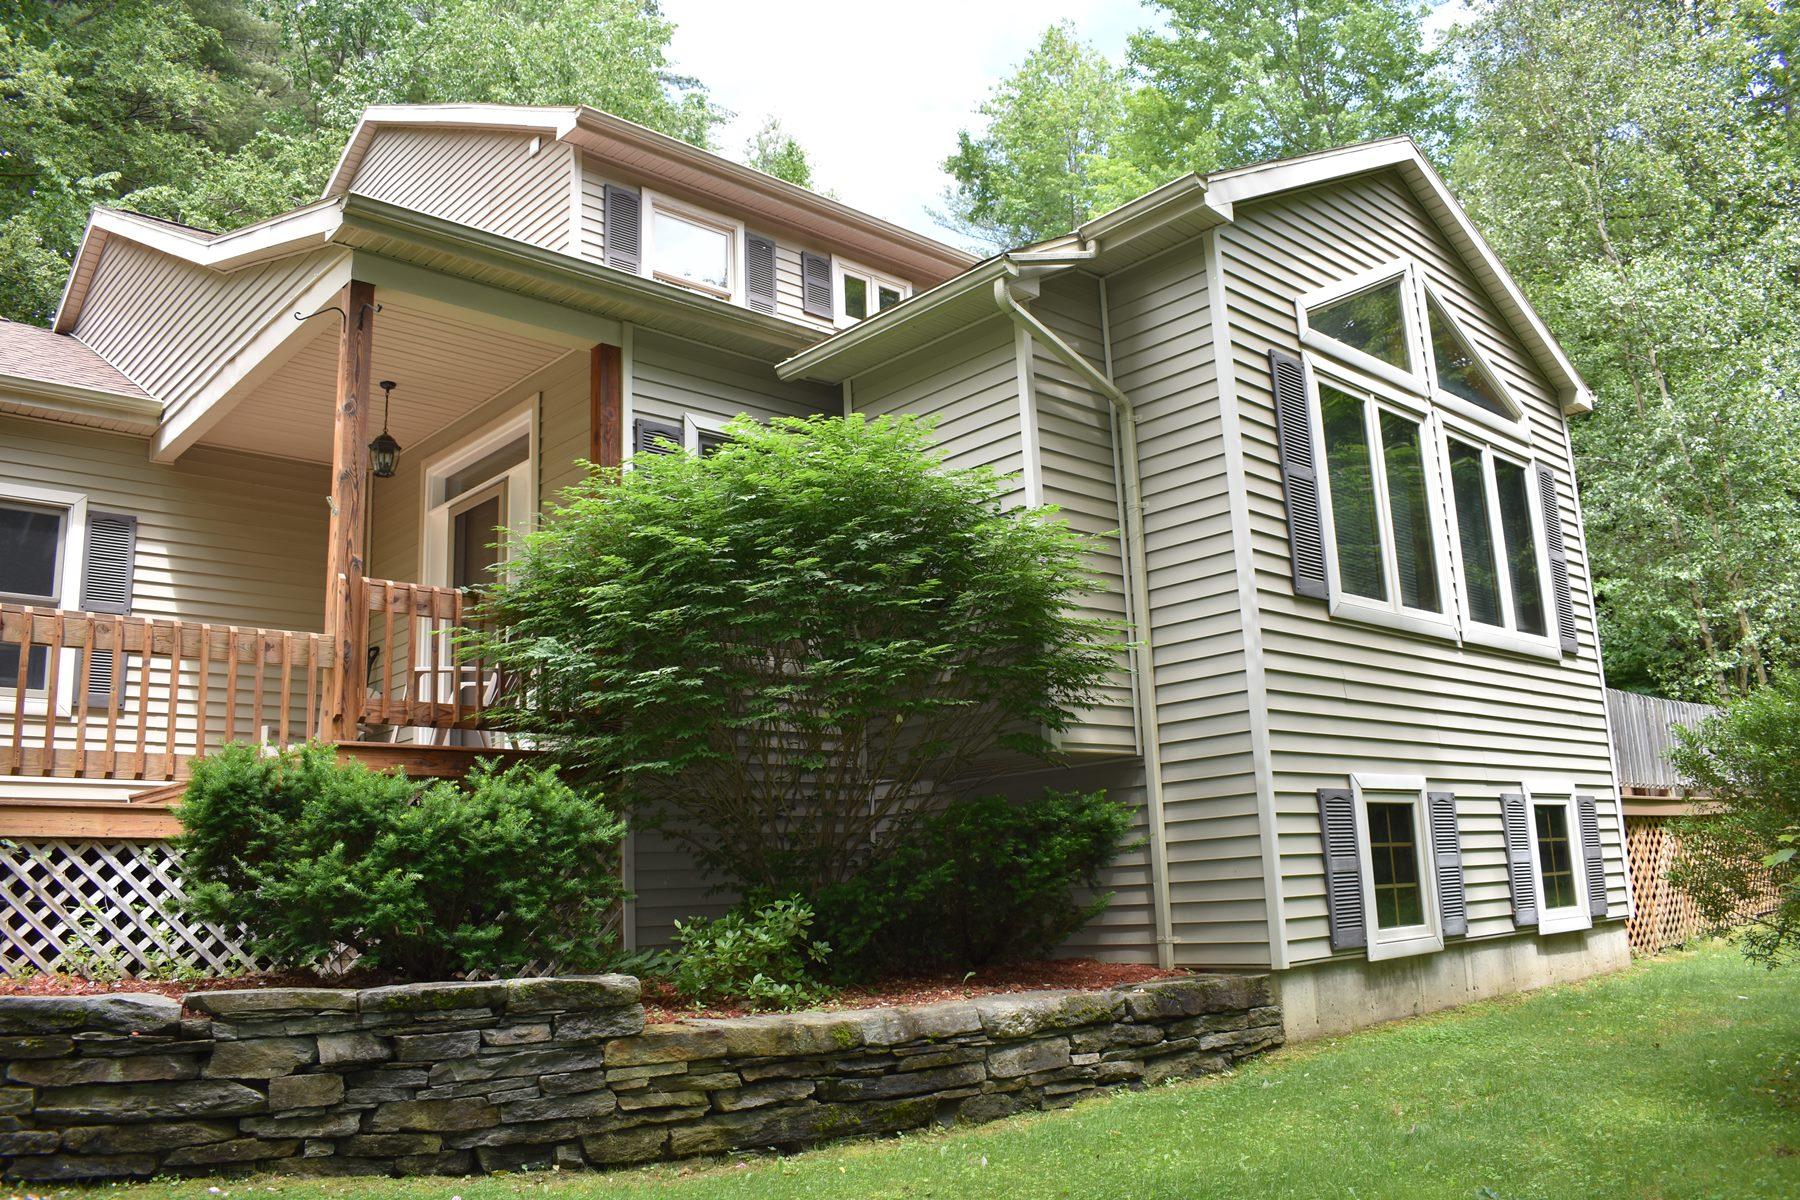 Maison unifamiliale pour l Vente à 29 Bradley Bow 12, Jericho Jericho, Vermont, 05465 États-Unis